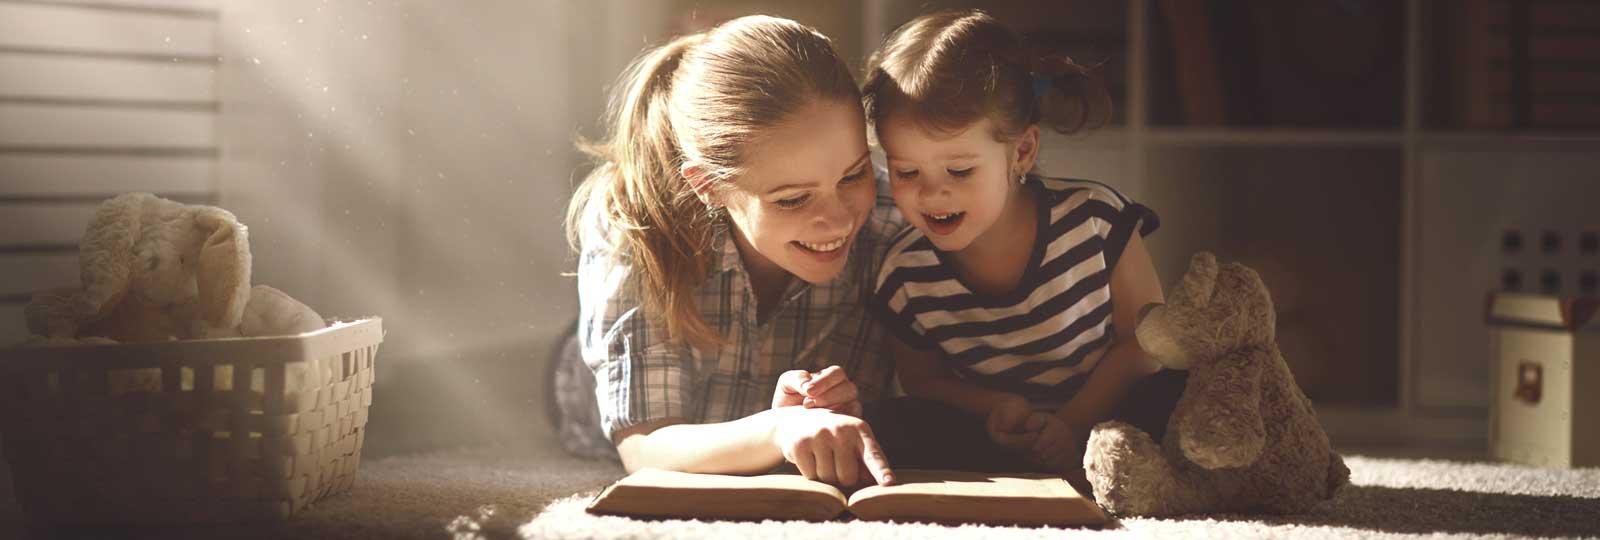 Un au pair e un bambino leggono un libro insieme